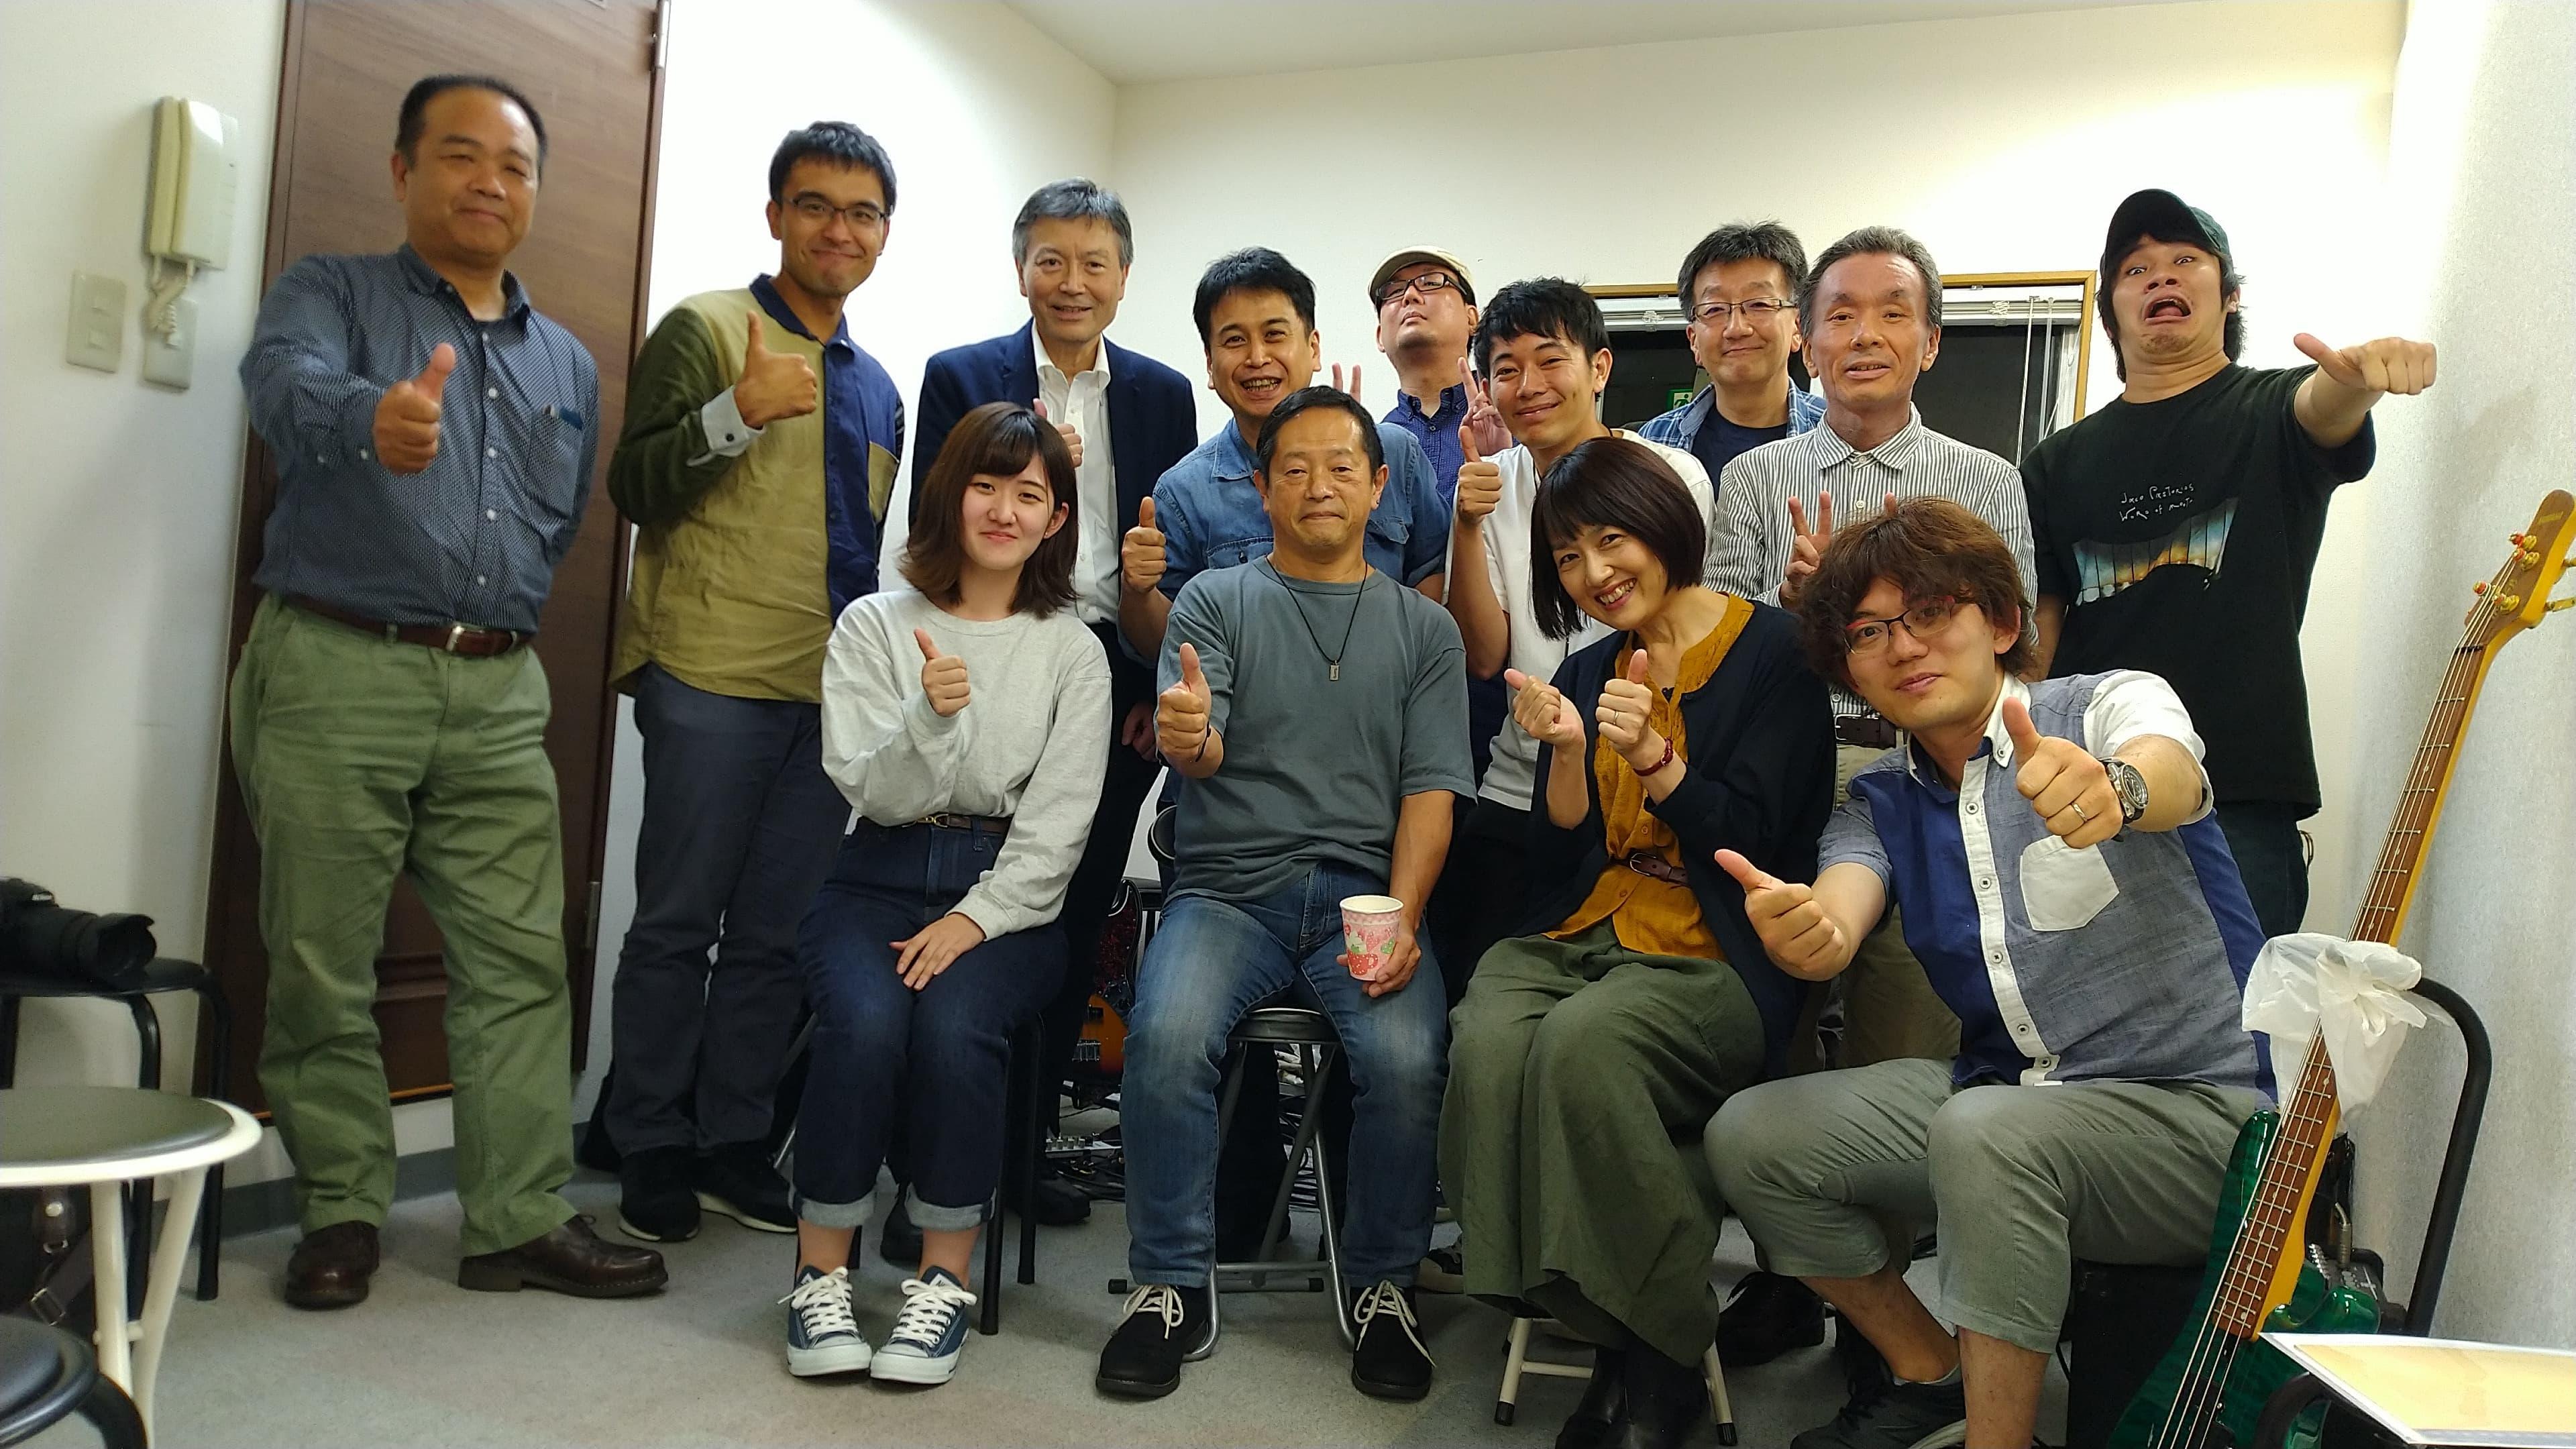 関西オフ会レポート&関東オフ会 11月9日のお知らせ